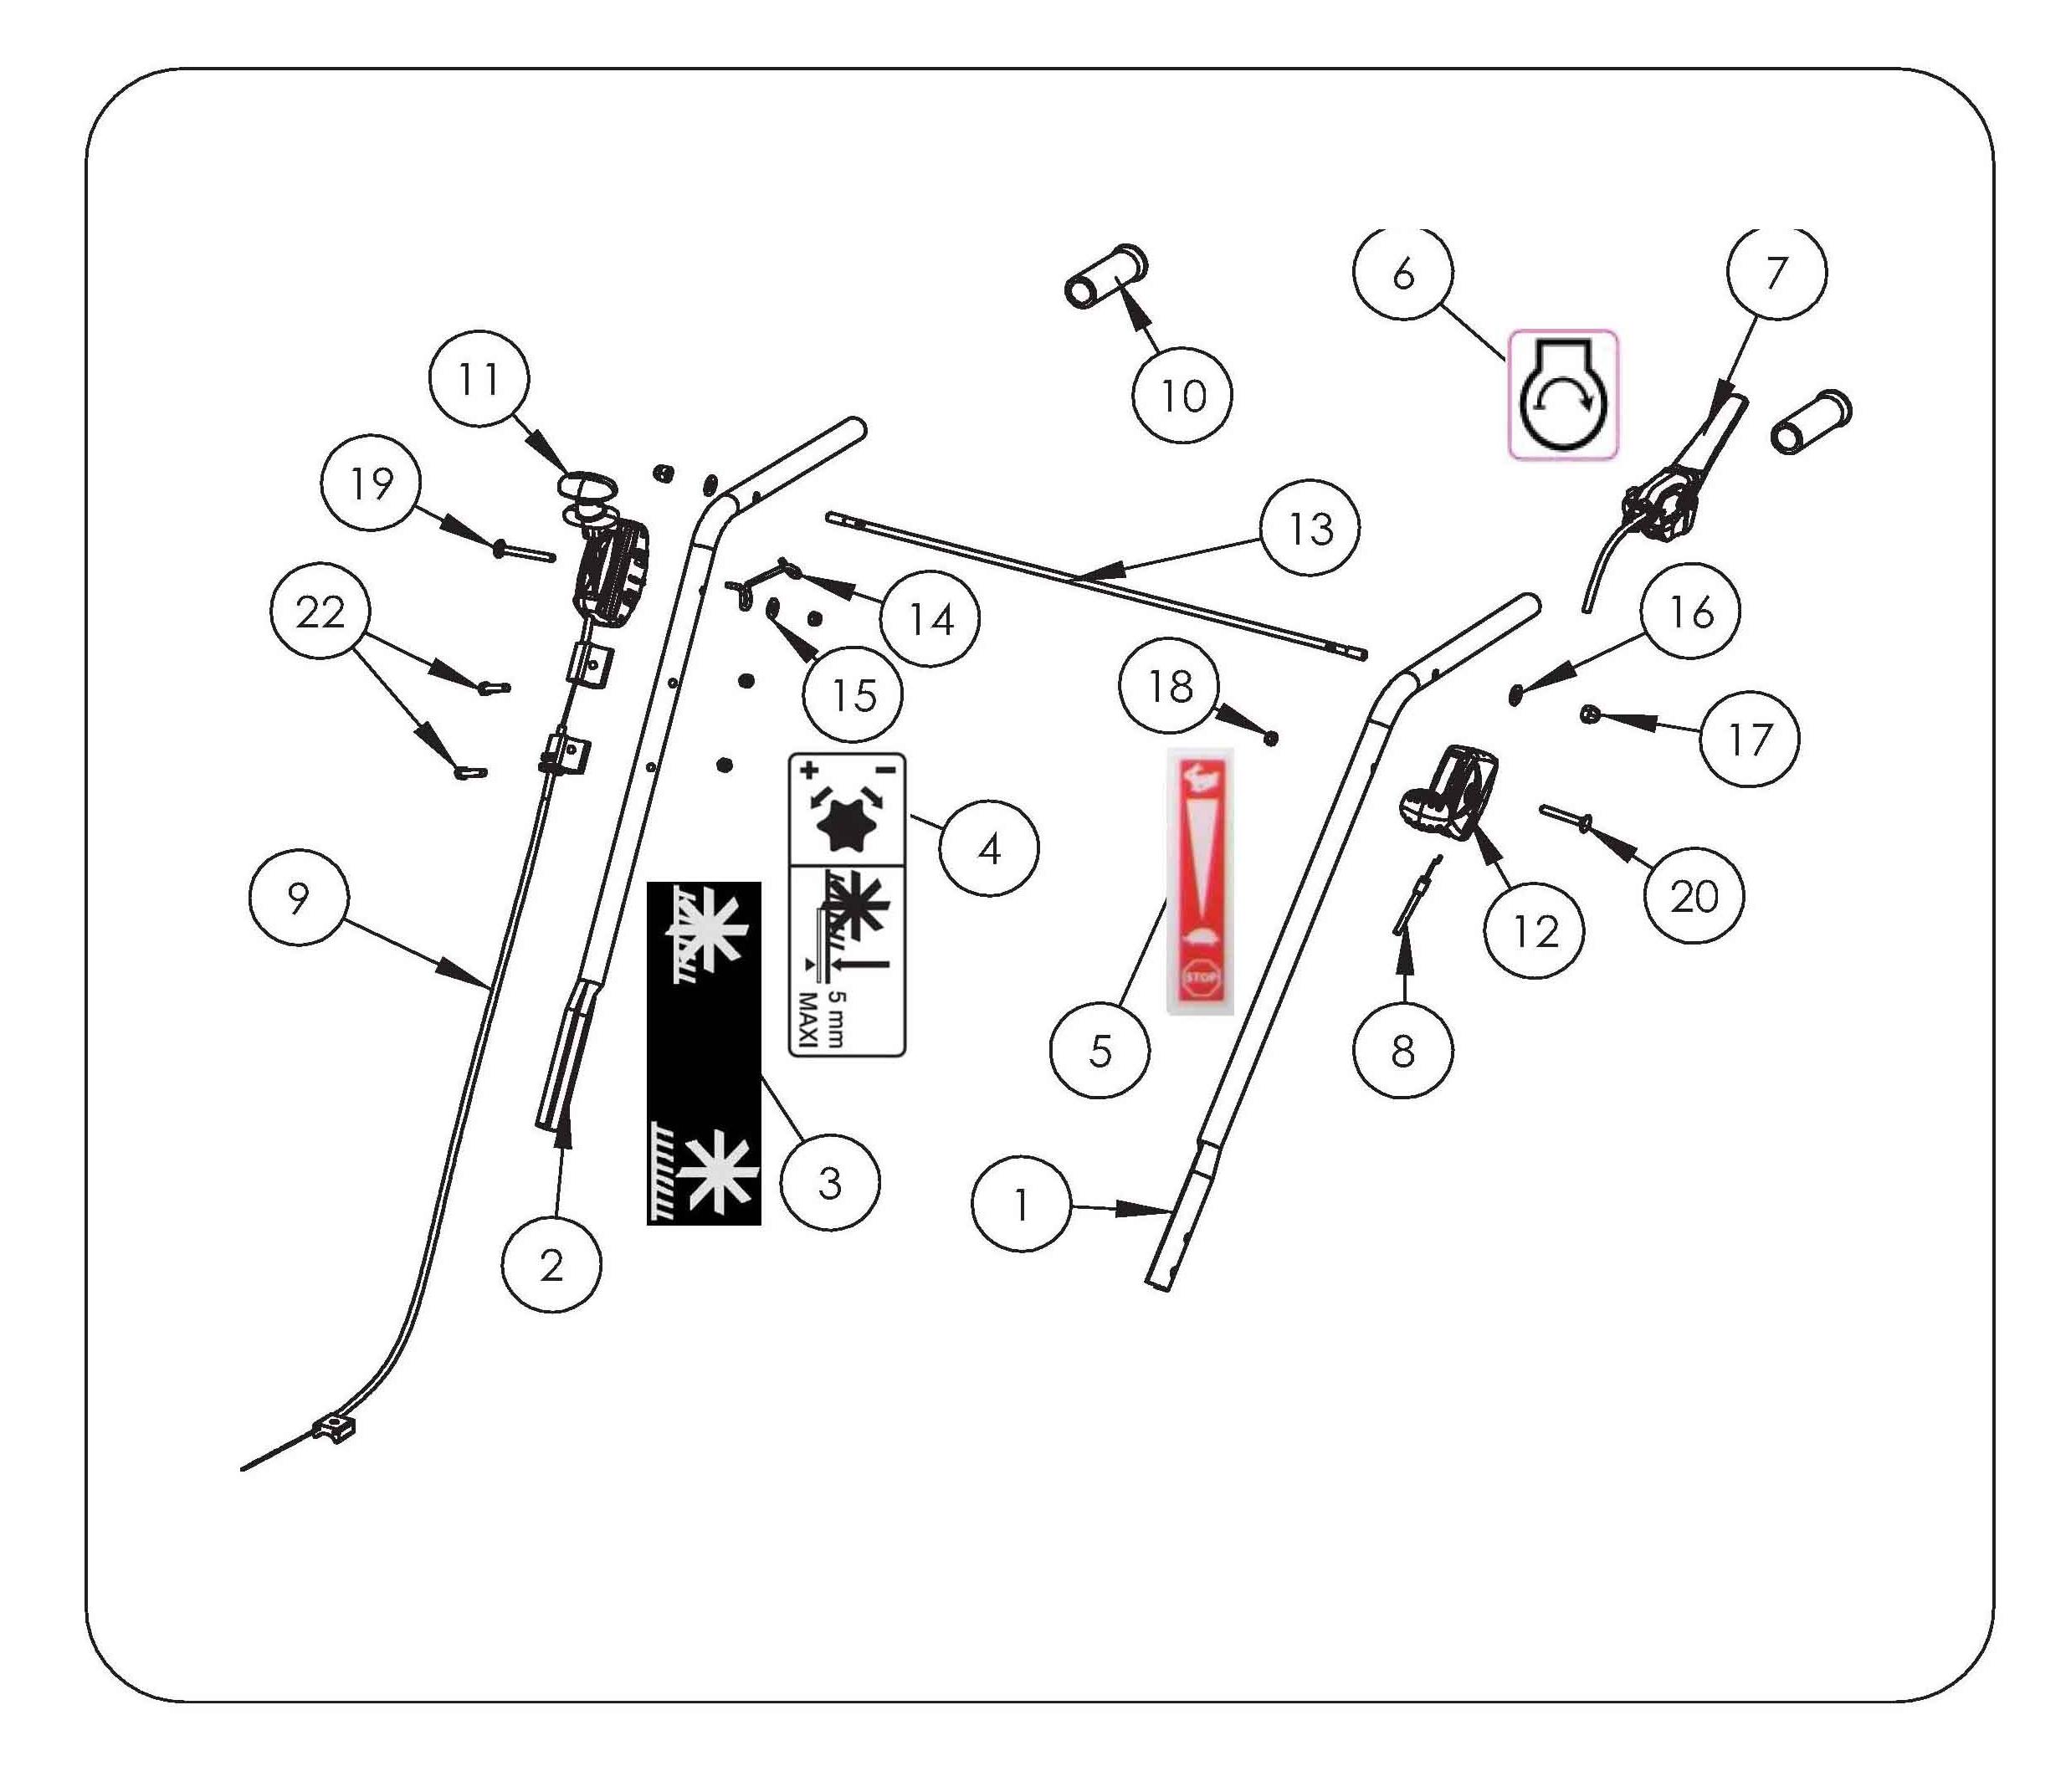 SCA 38 Aérateur  OLEOMAC vue éclatée  Dessins pièces -  Guidon